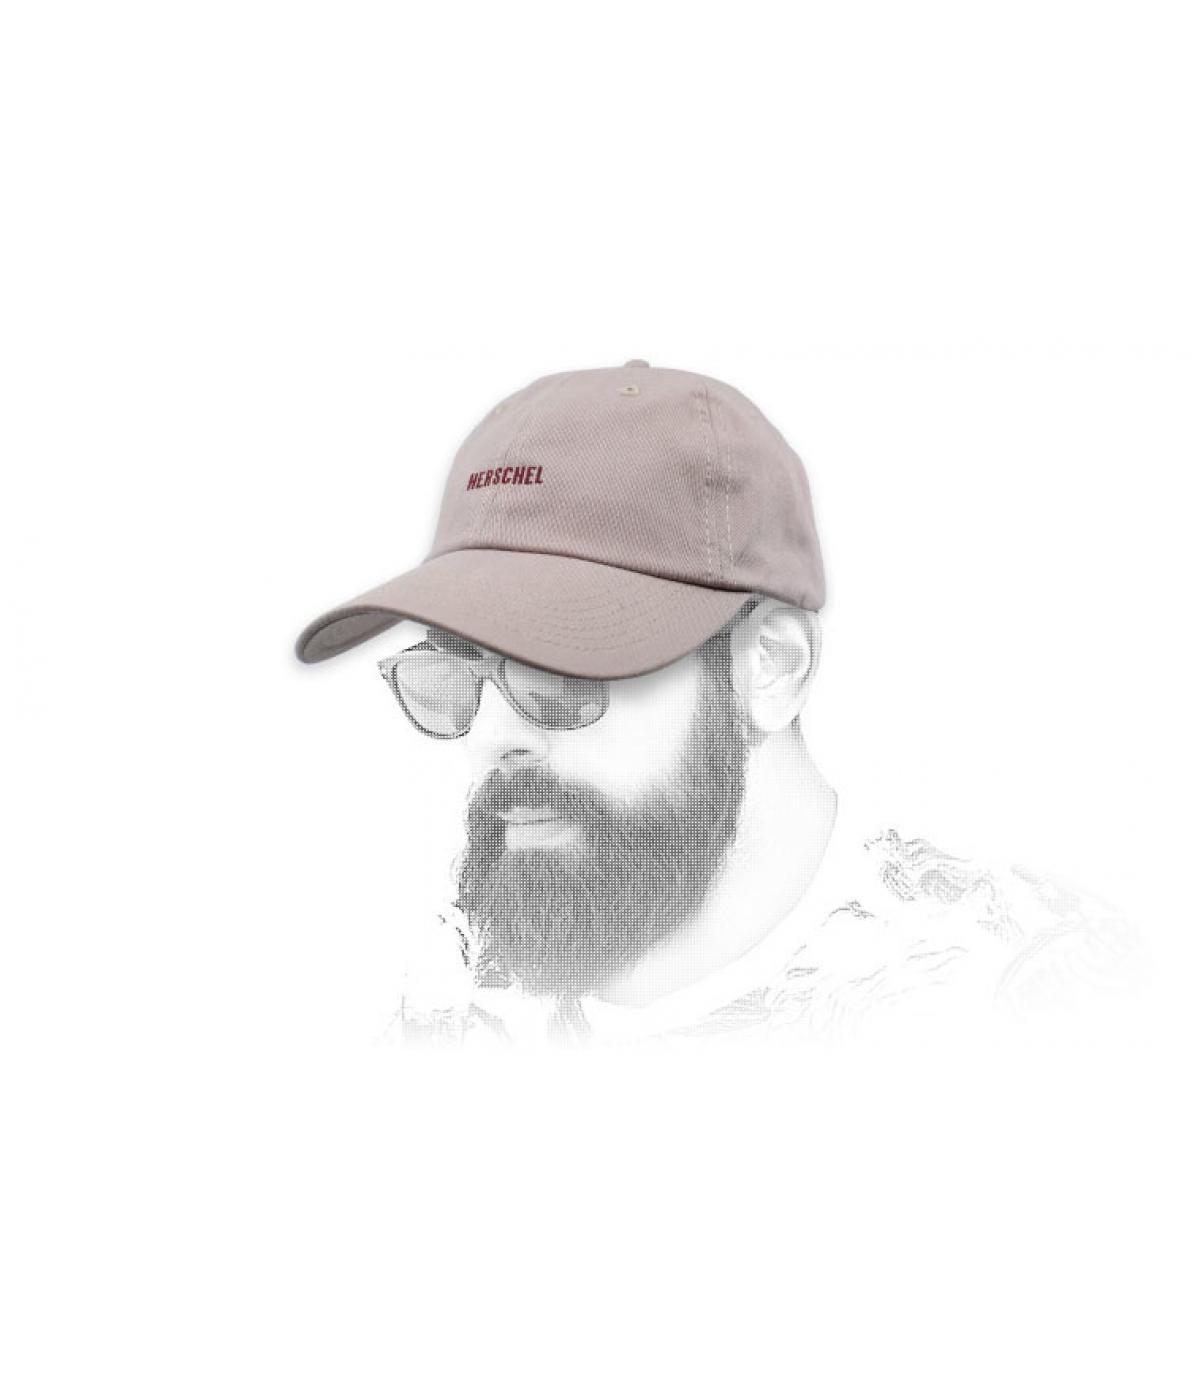 dfa326c4e8877 Dad hat - Casquette destructurée - Headict